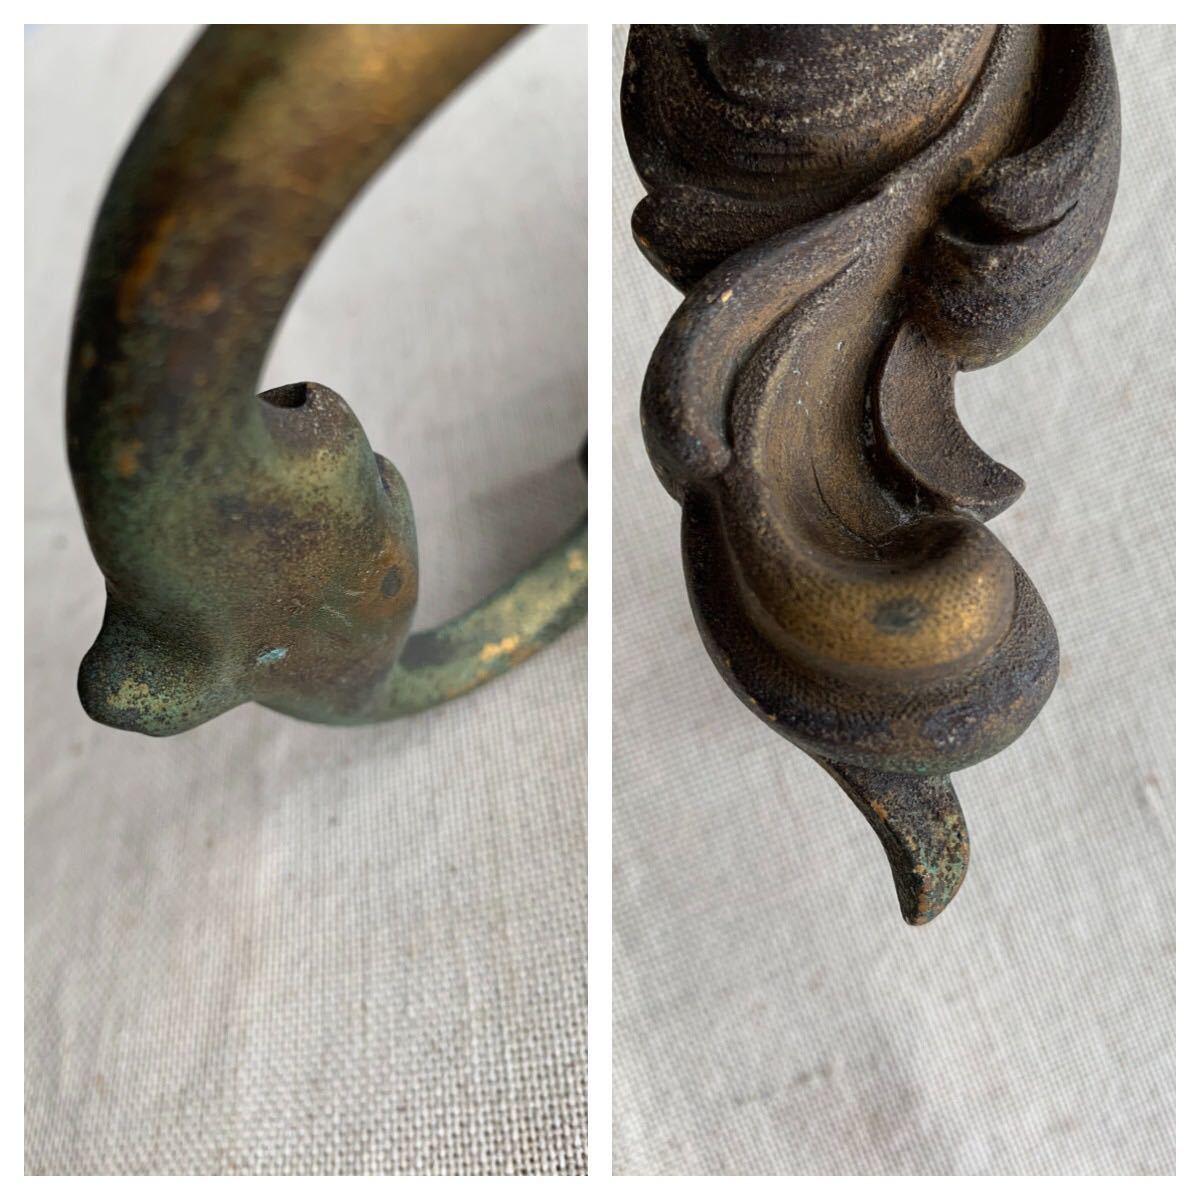 装飾が素敵な真鍮製ドアノック 壁オブジェデコレーション蚤の市ヴィンテージ店舗什器ドアパーツアンティークインテリアディスプレイ彫刻_画像8